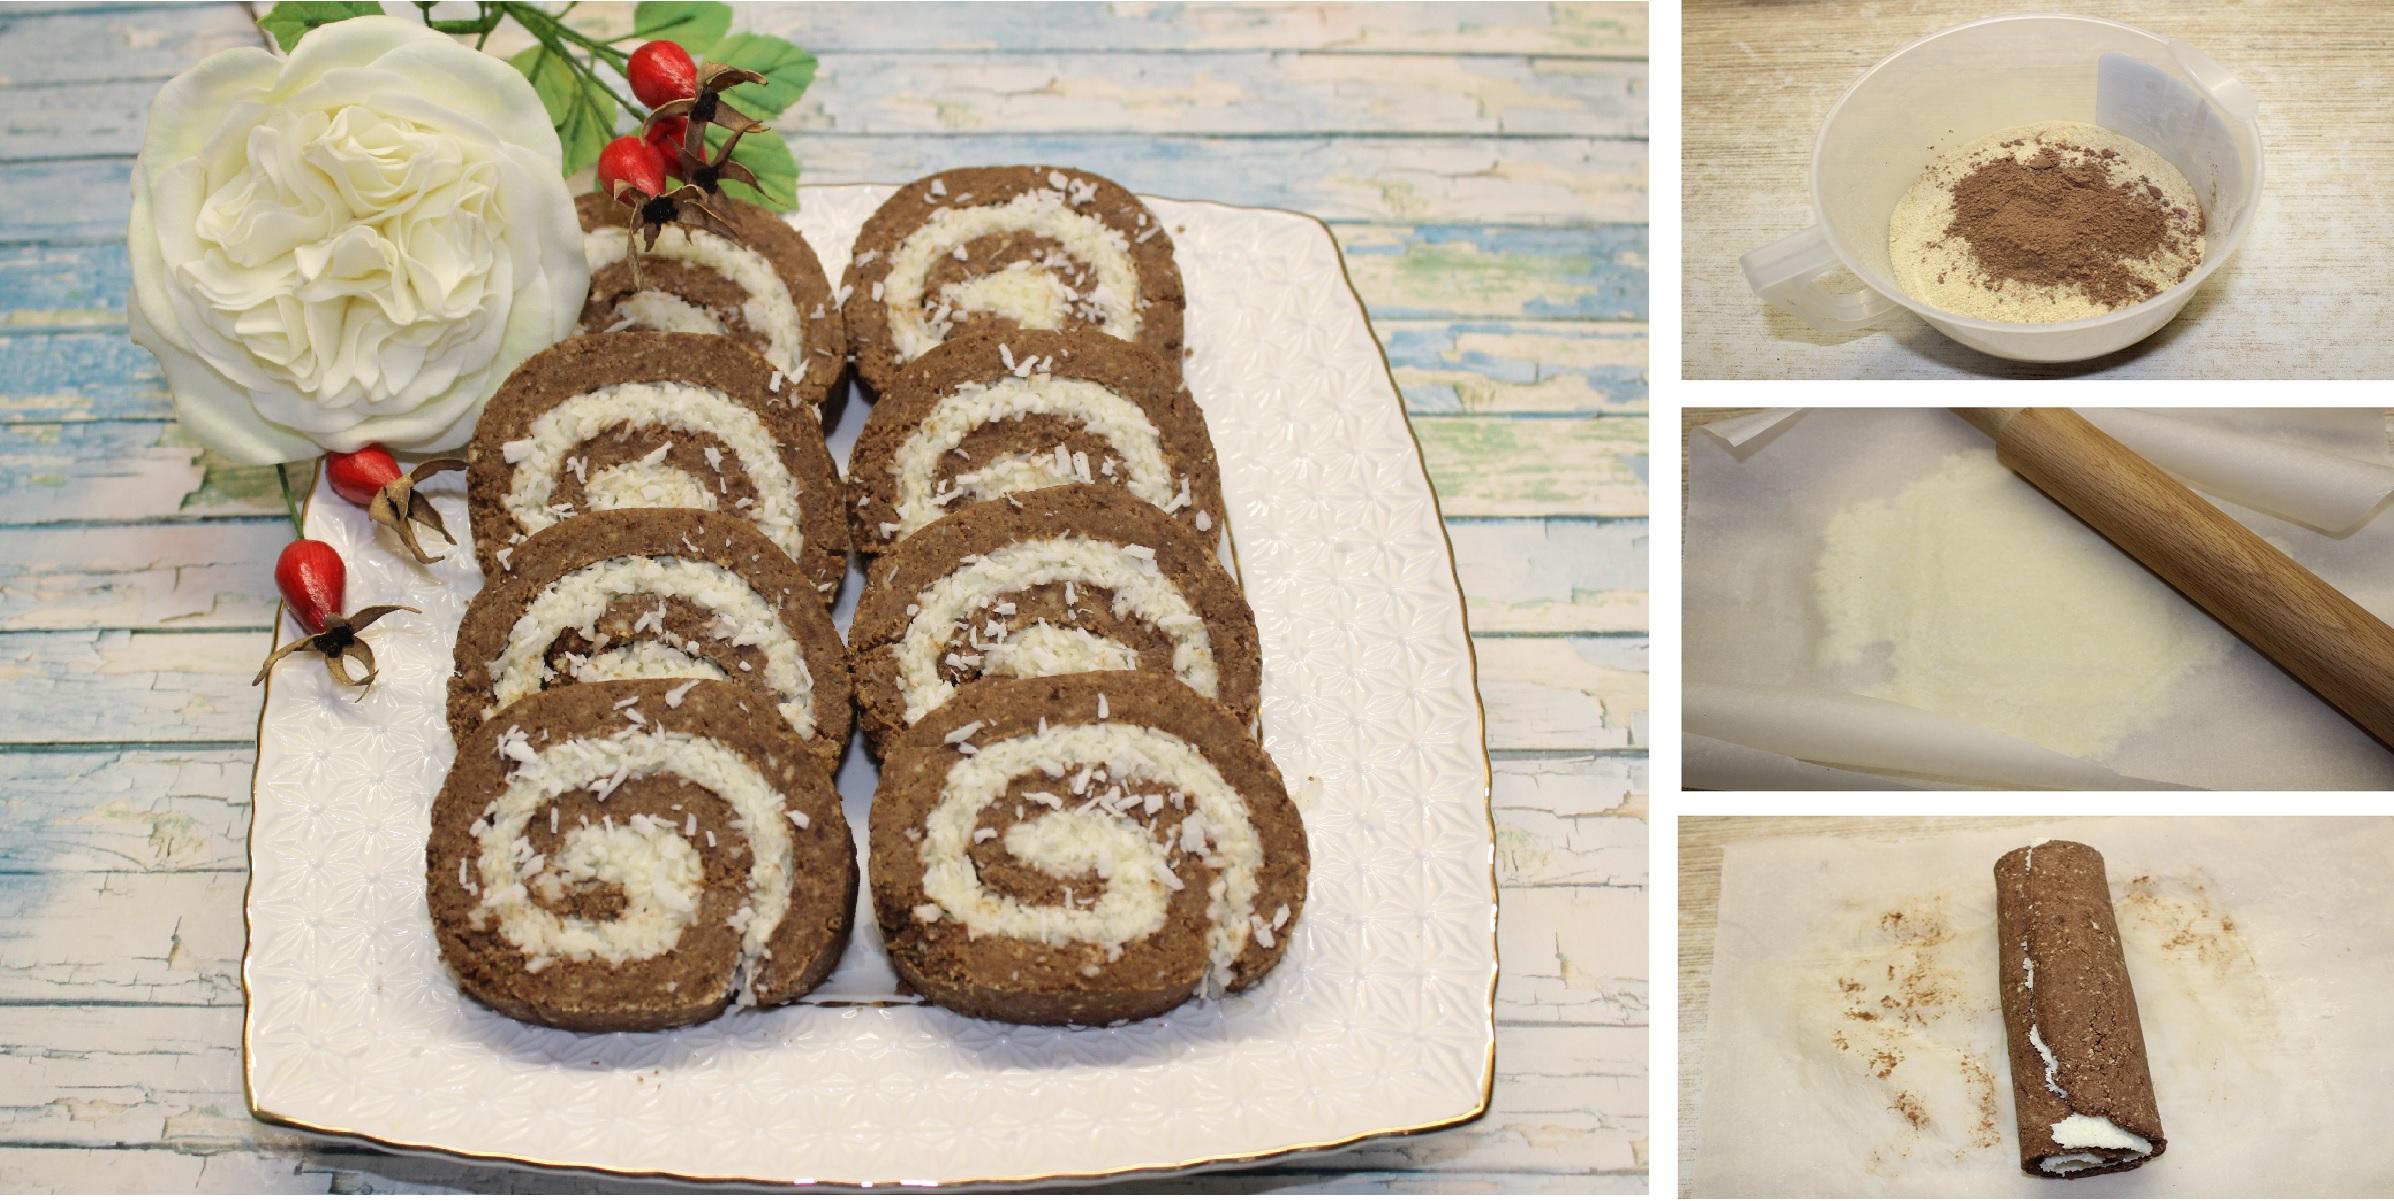 Шоколадно-кокосовый рулет без выпечки: пошаговый фото рецепт